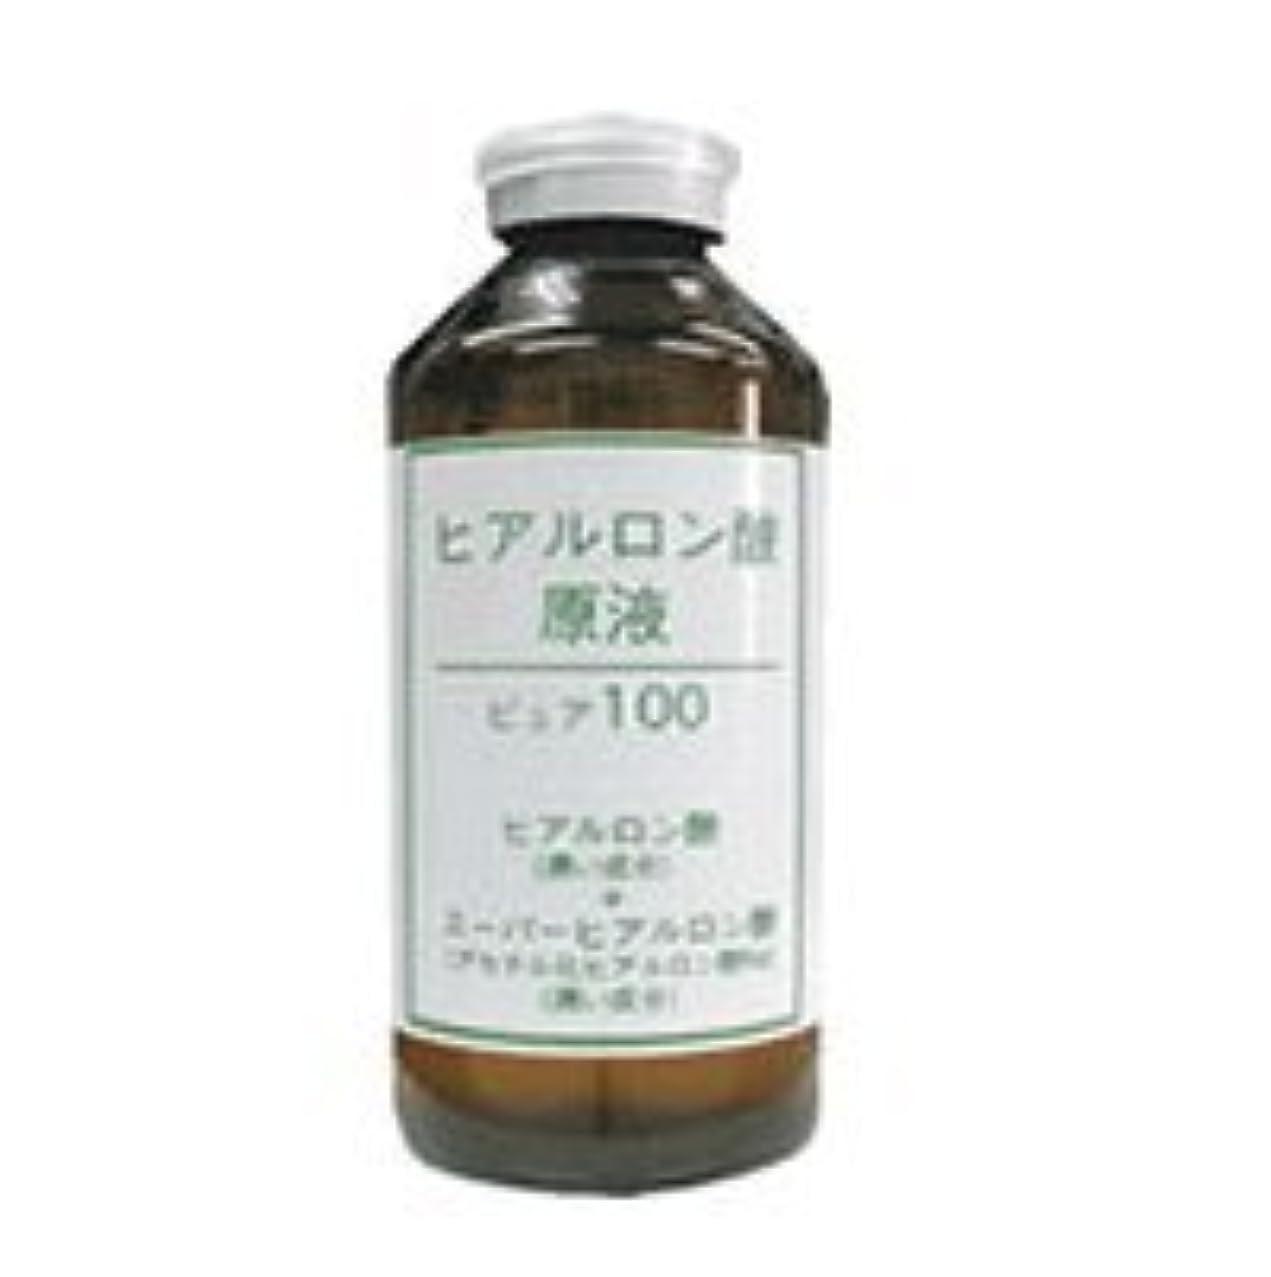 マラウイ民兵あそこヒアルロン酸原液 ピュアエッセンス 55ml  ヒアルロン酸+スーパーヒアルロン酸